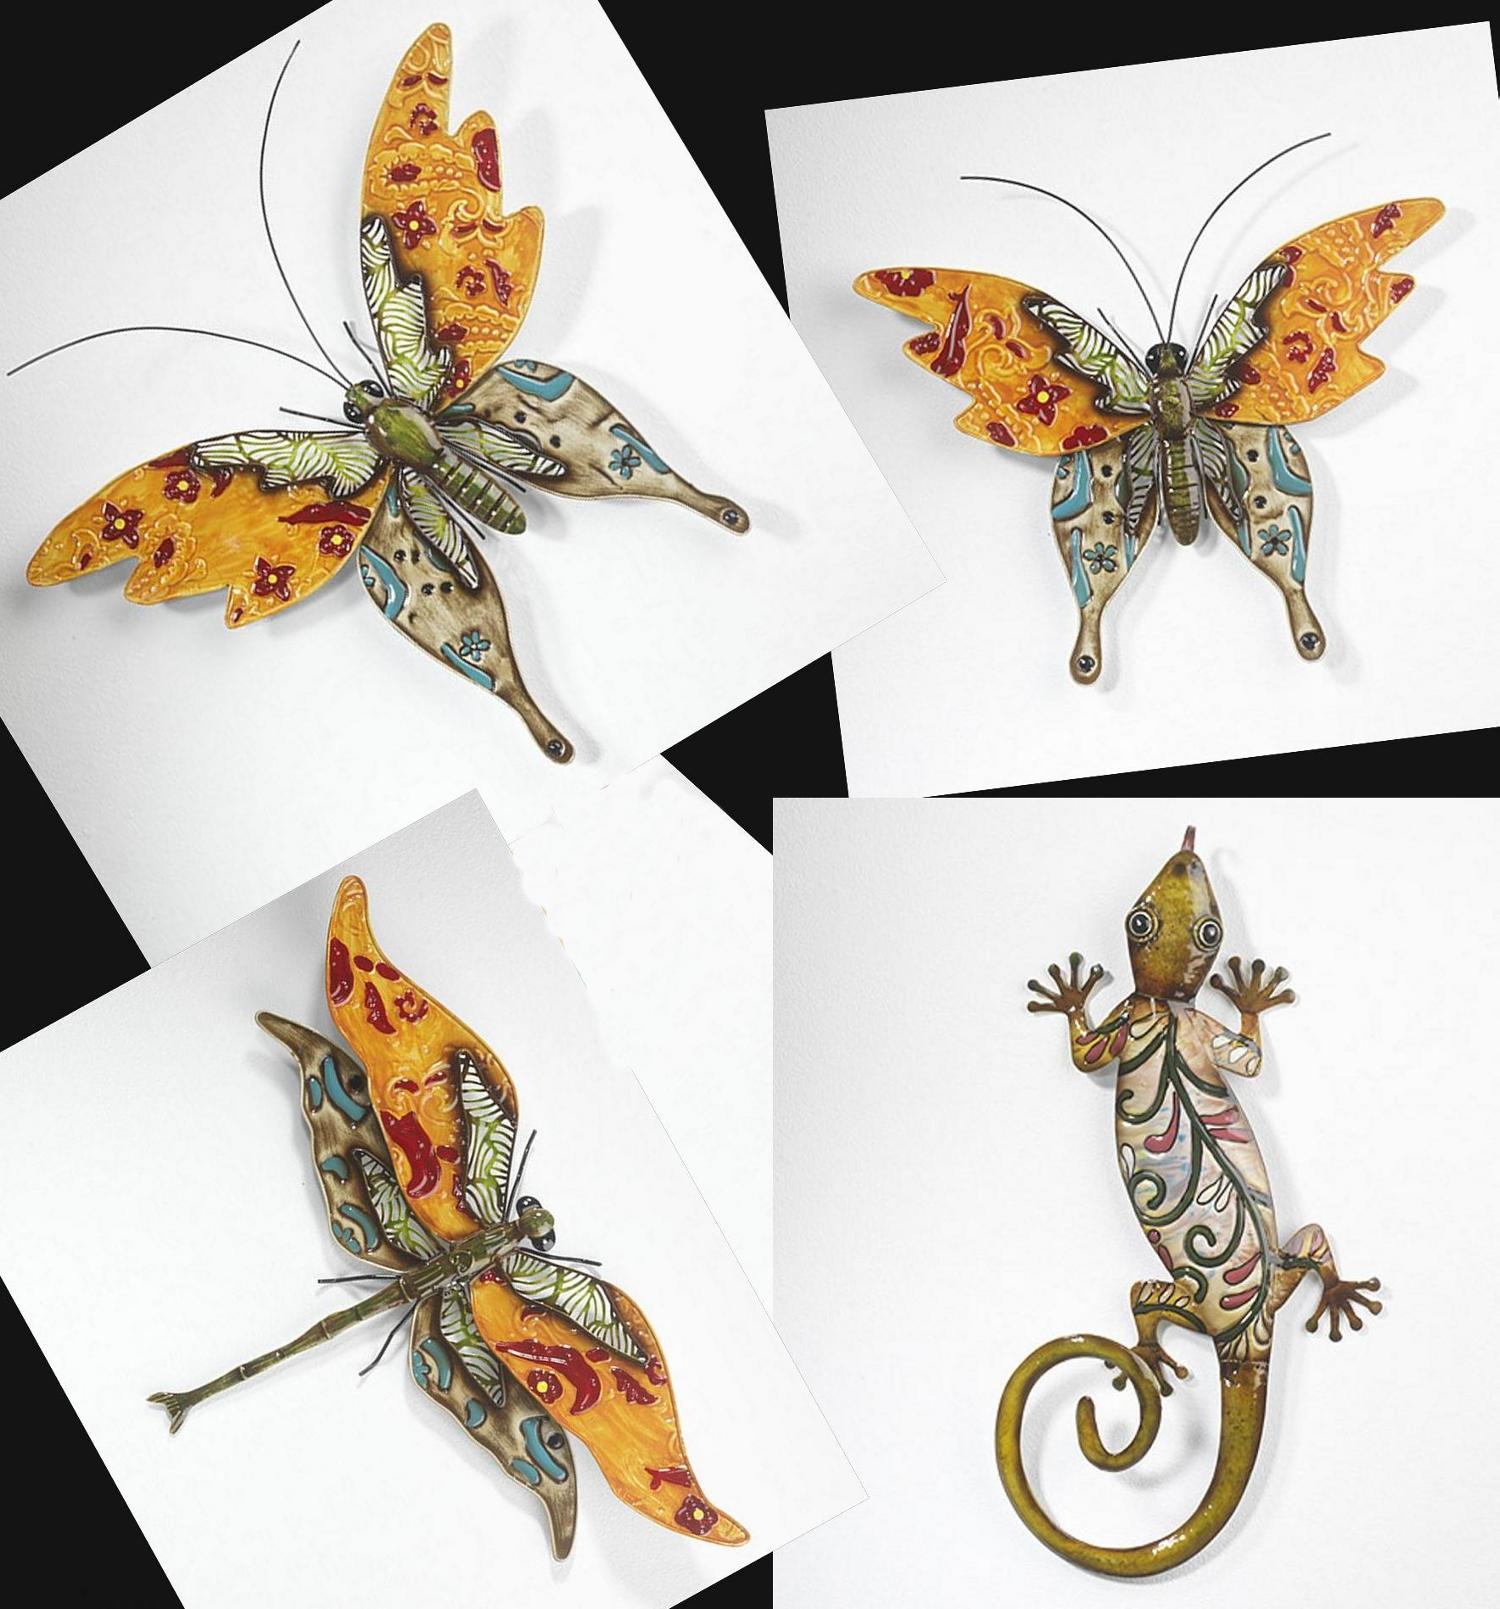 blech bild schmetterling gecko libelle eidechse wand deko wandschmuck metall ebay. Black Bedroom Furniture Sets. Home Design Ideas